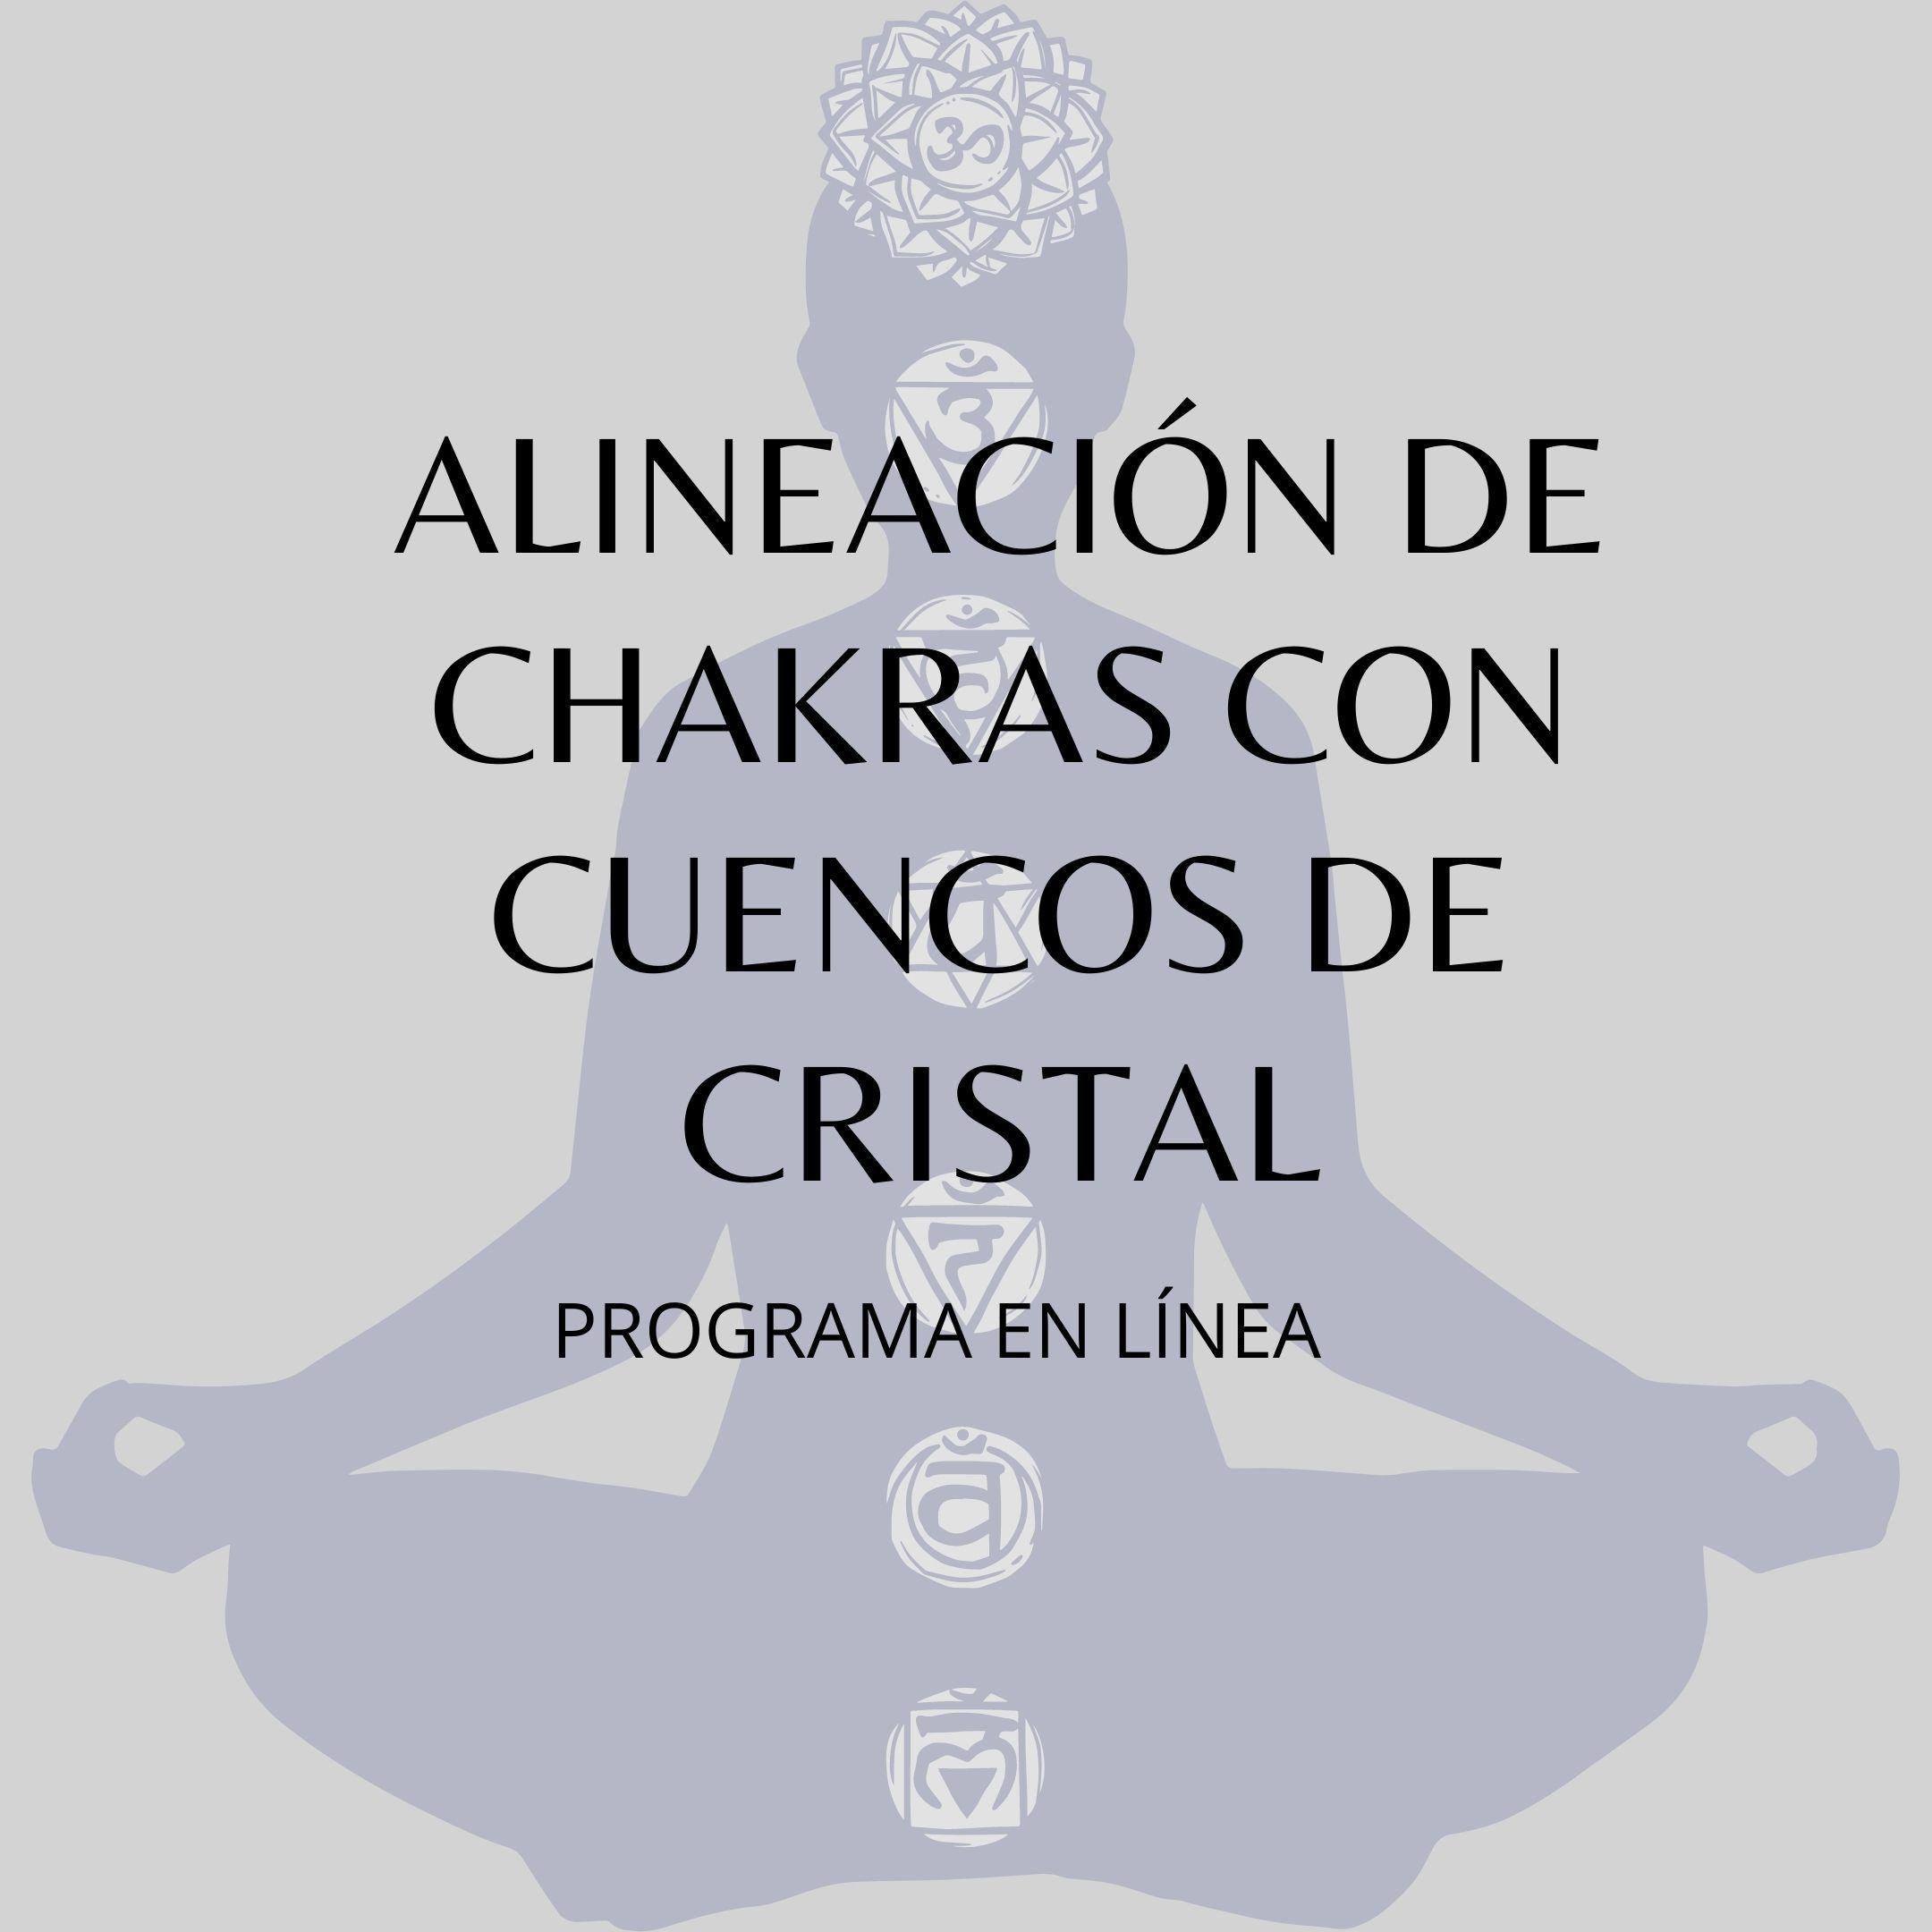 ALINEACIÓN DE CHAKRAS. Meditación guiada con sonido de cuencos de cuarzo